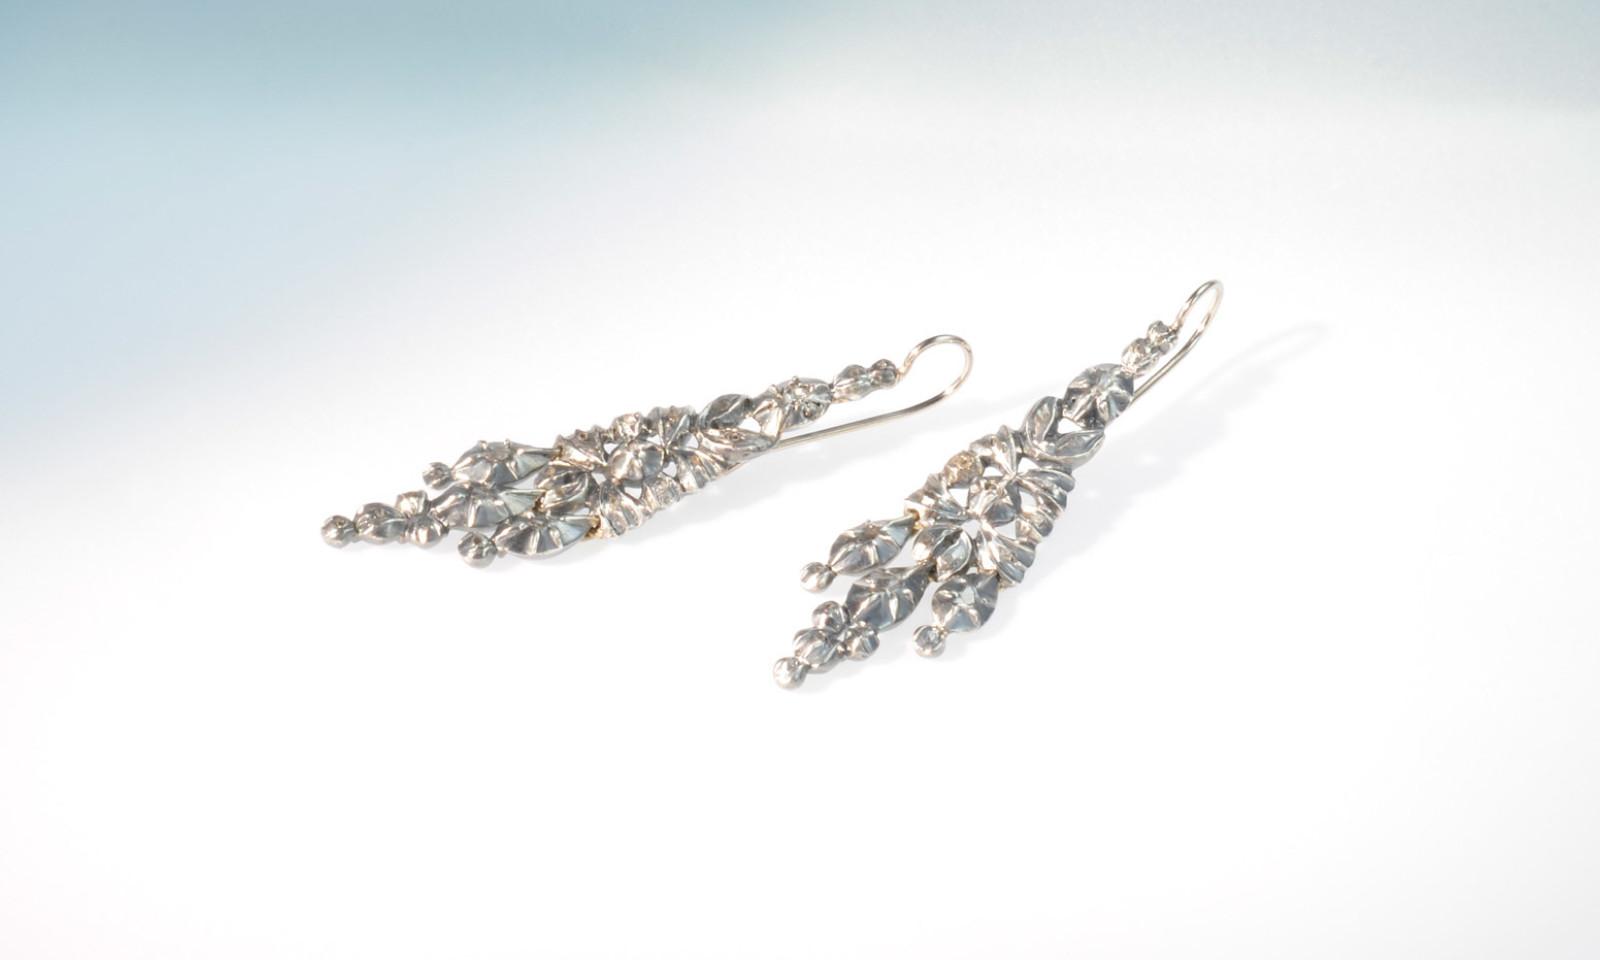 Ohrhaenger Achtzehntes Jhd. Ohrhänger Silber mit Diamanten, um 1750, Länge 5.5 cm, Haken Weissgold 750 neu montiert, CHF 3200.-